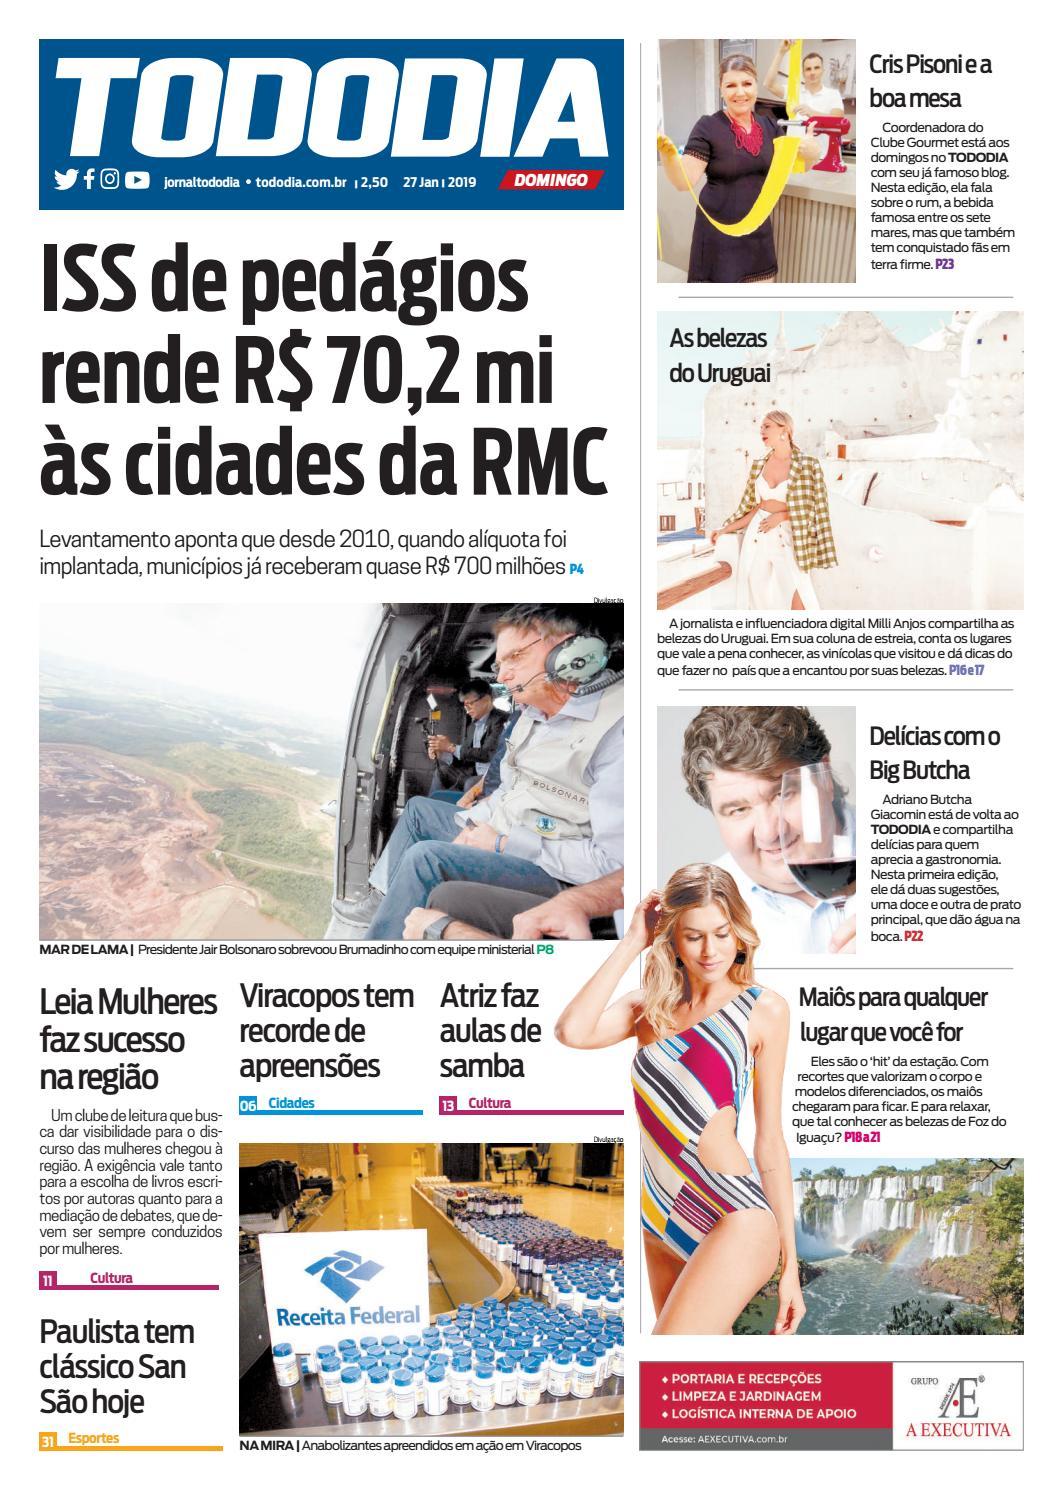 1cee2049c domingo-27-01-2019 by Jornal TodoDia - issuu